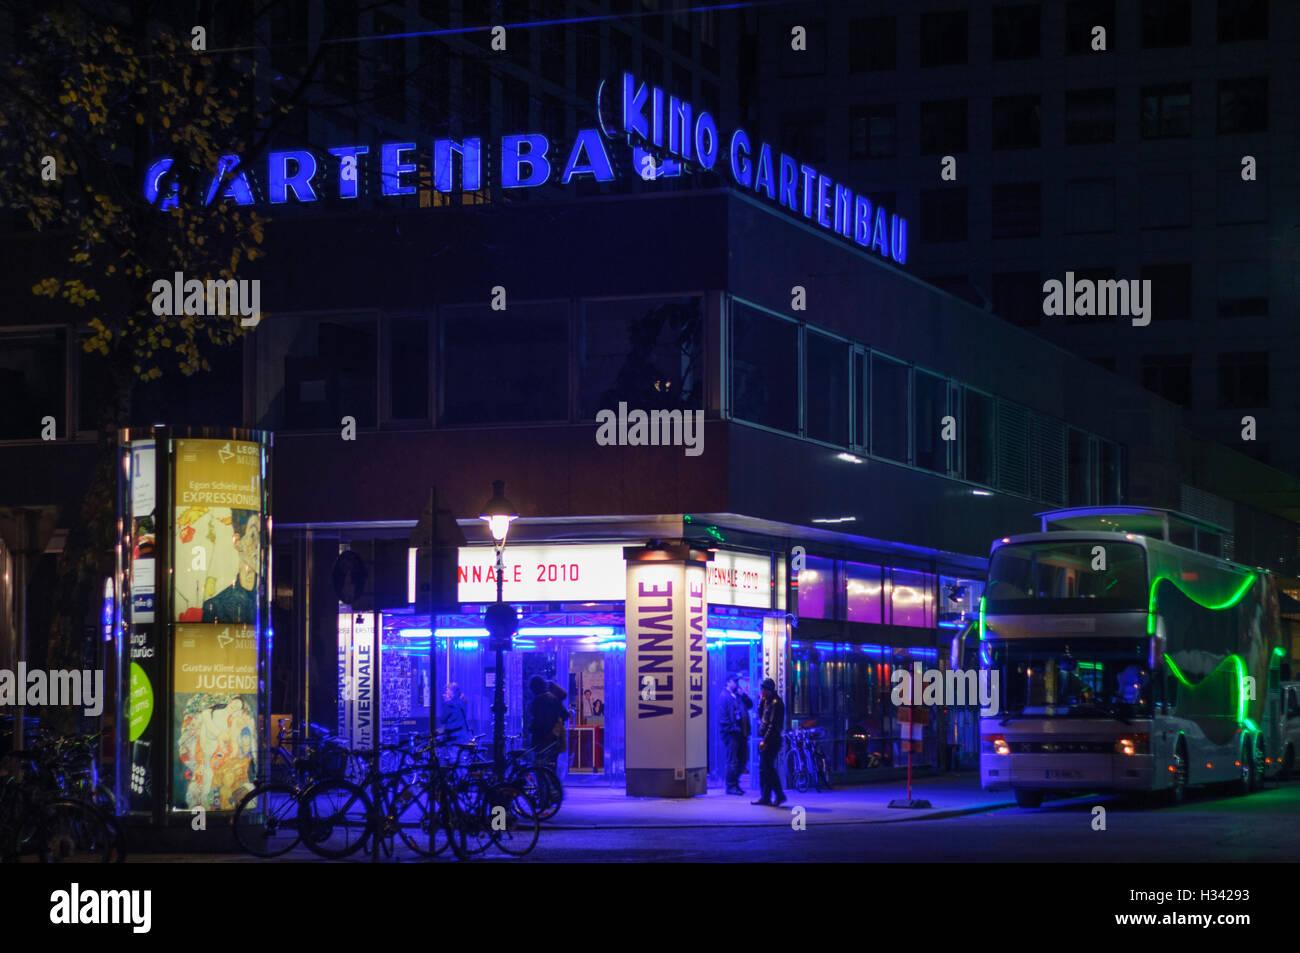 Wien, Viena: cine Gartenbau durante la Viennale, 01, Wien, Austria Imagen De Stock